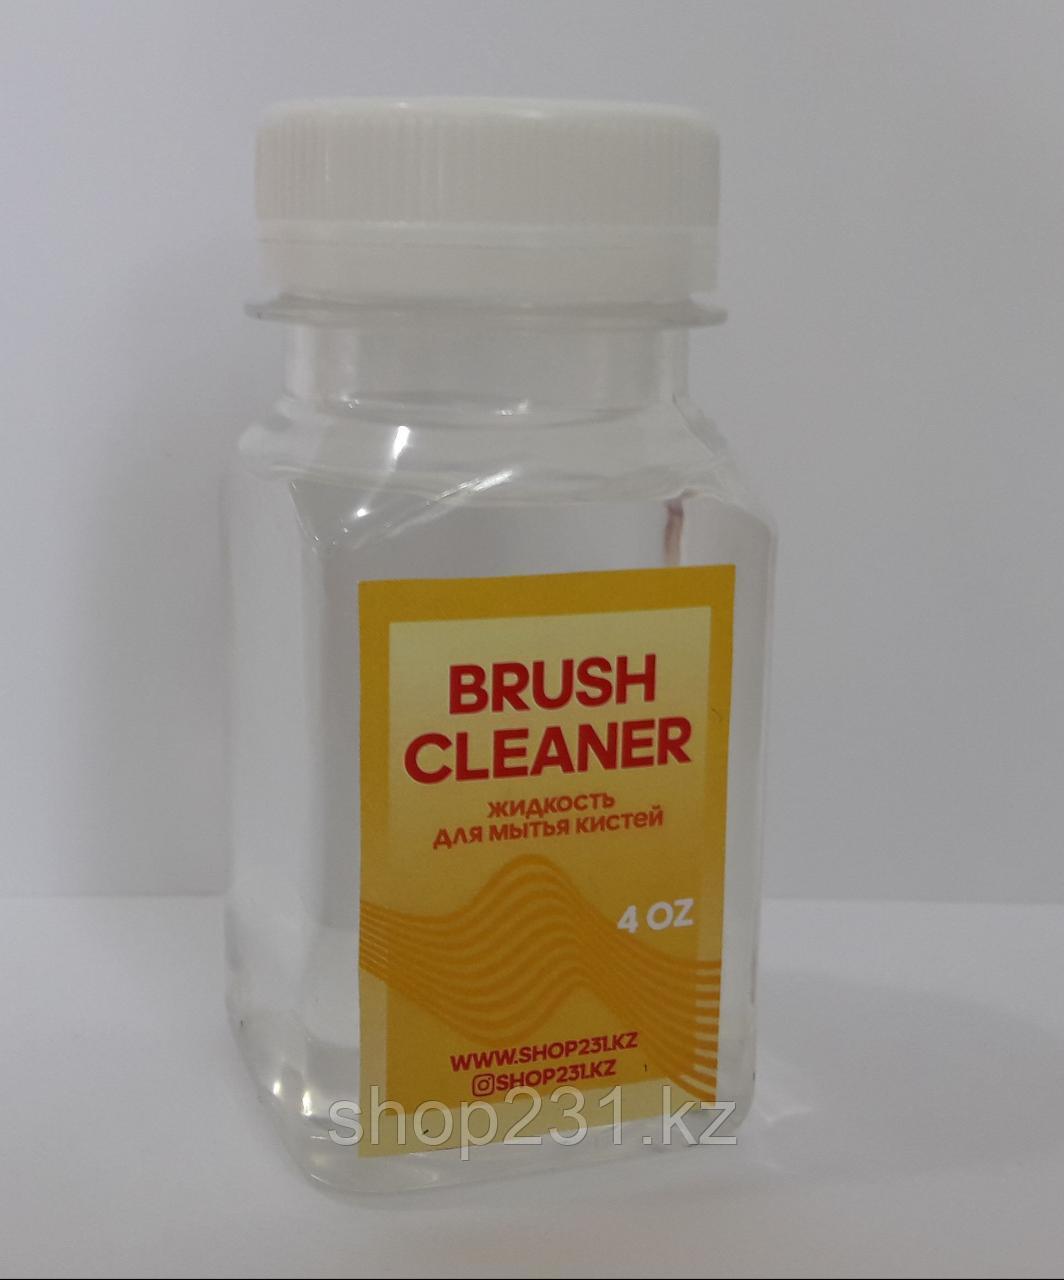 BRUSH CLEANER, жидкость для мытья кистей.